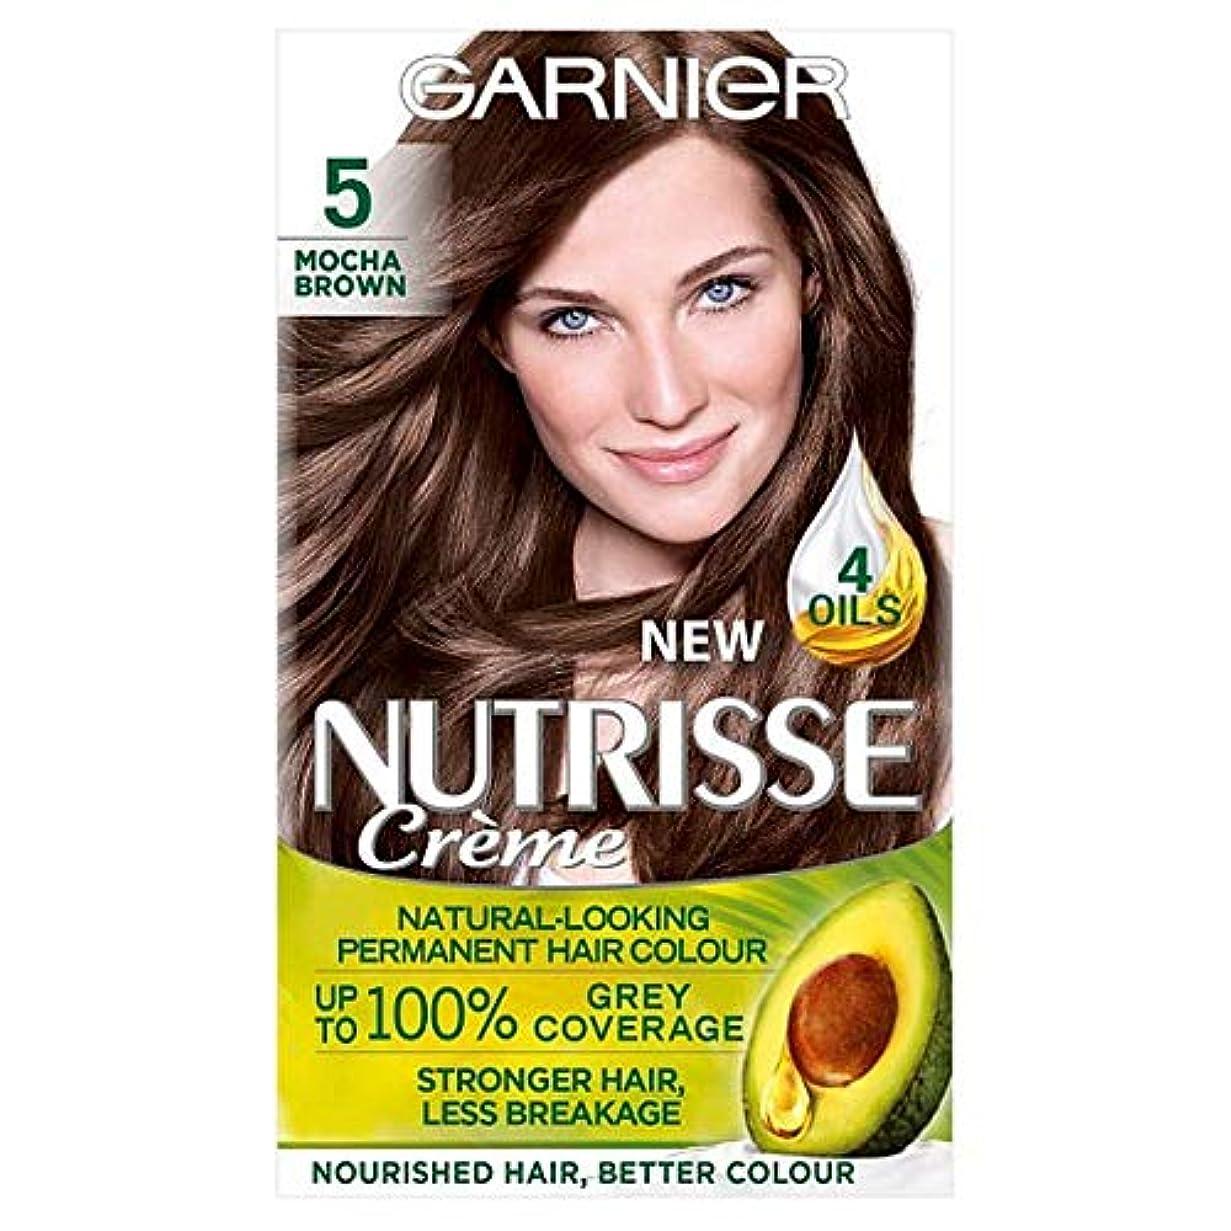 ストライド風そのような[Nutrisse] 5茶色の永久染毛剤Nutrisseガルニエ - Garnier Nutrisse 5 Brown Permanent Hair Dye [並行輸入品]